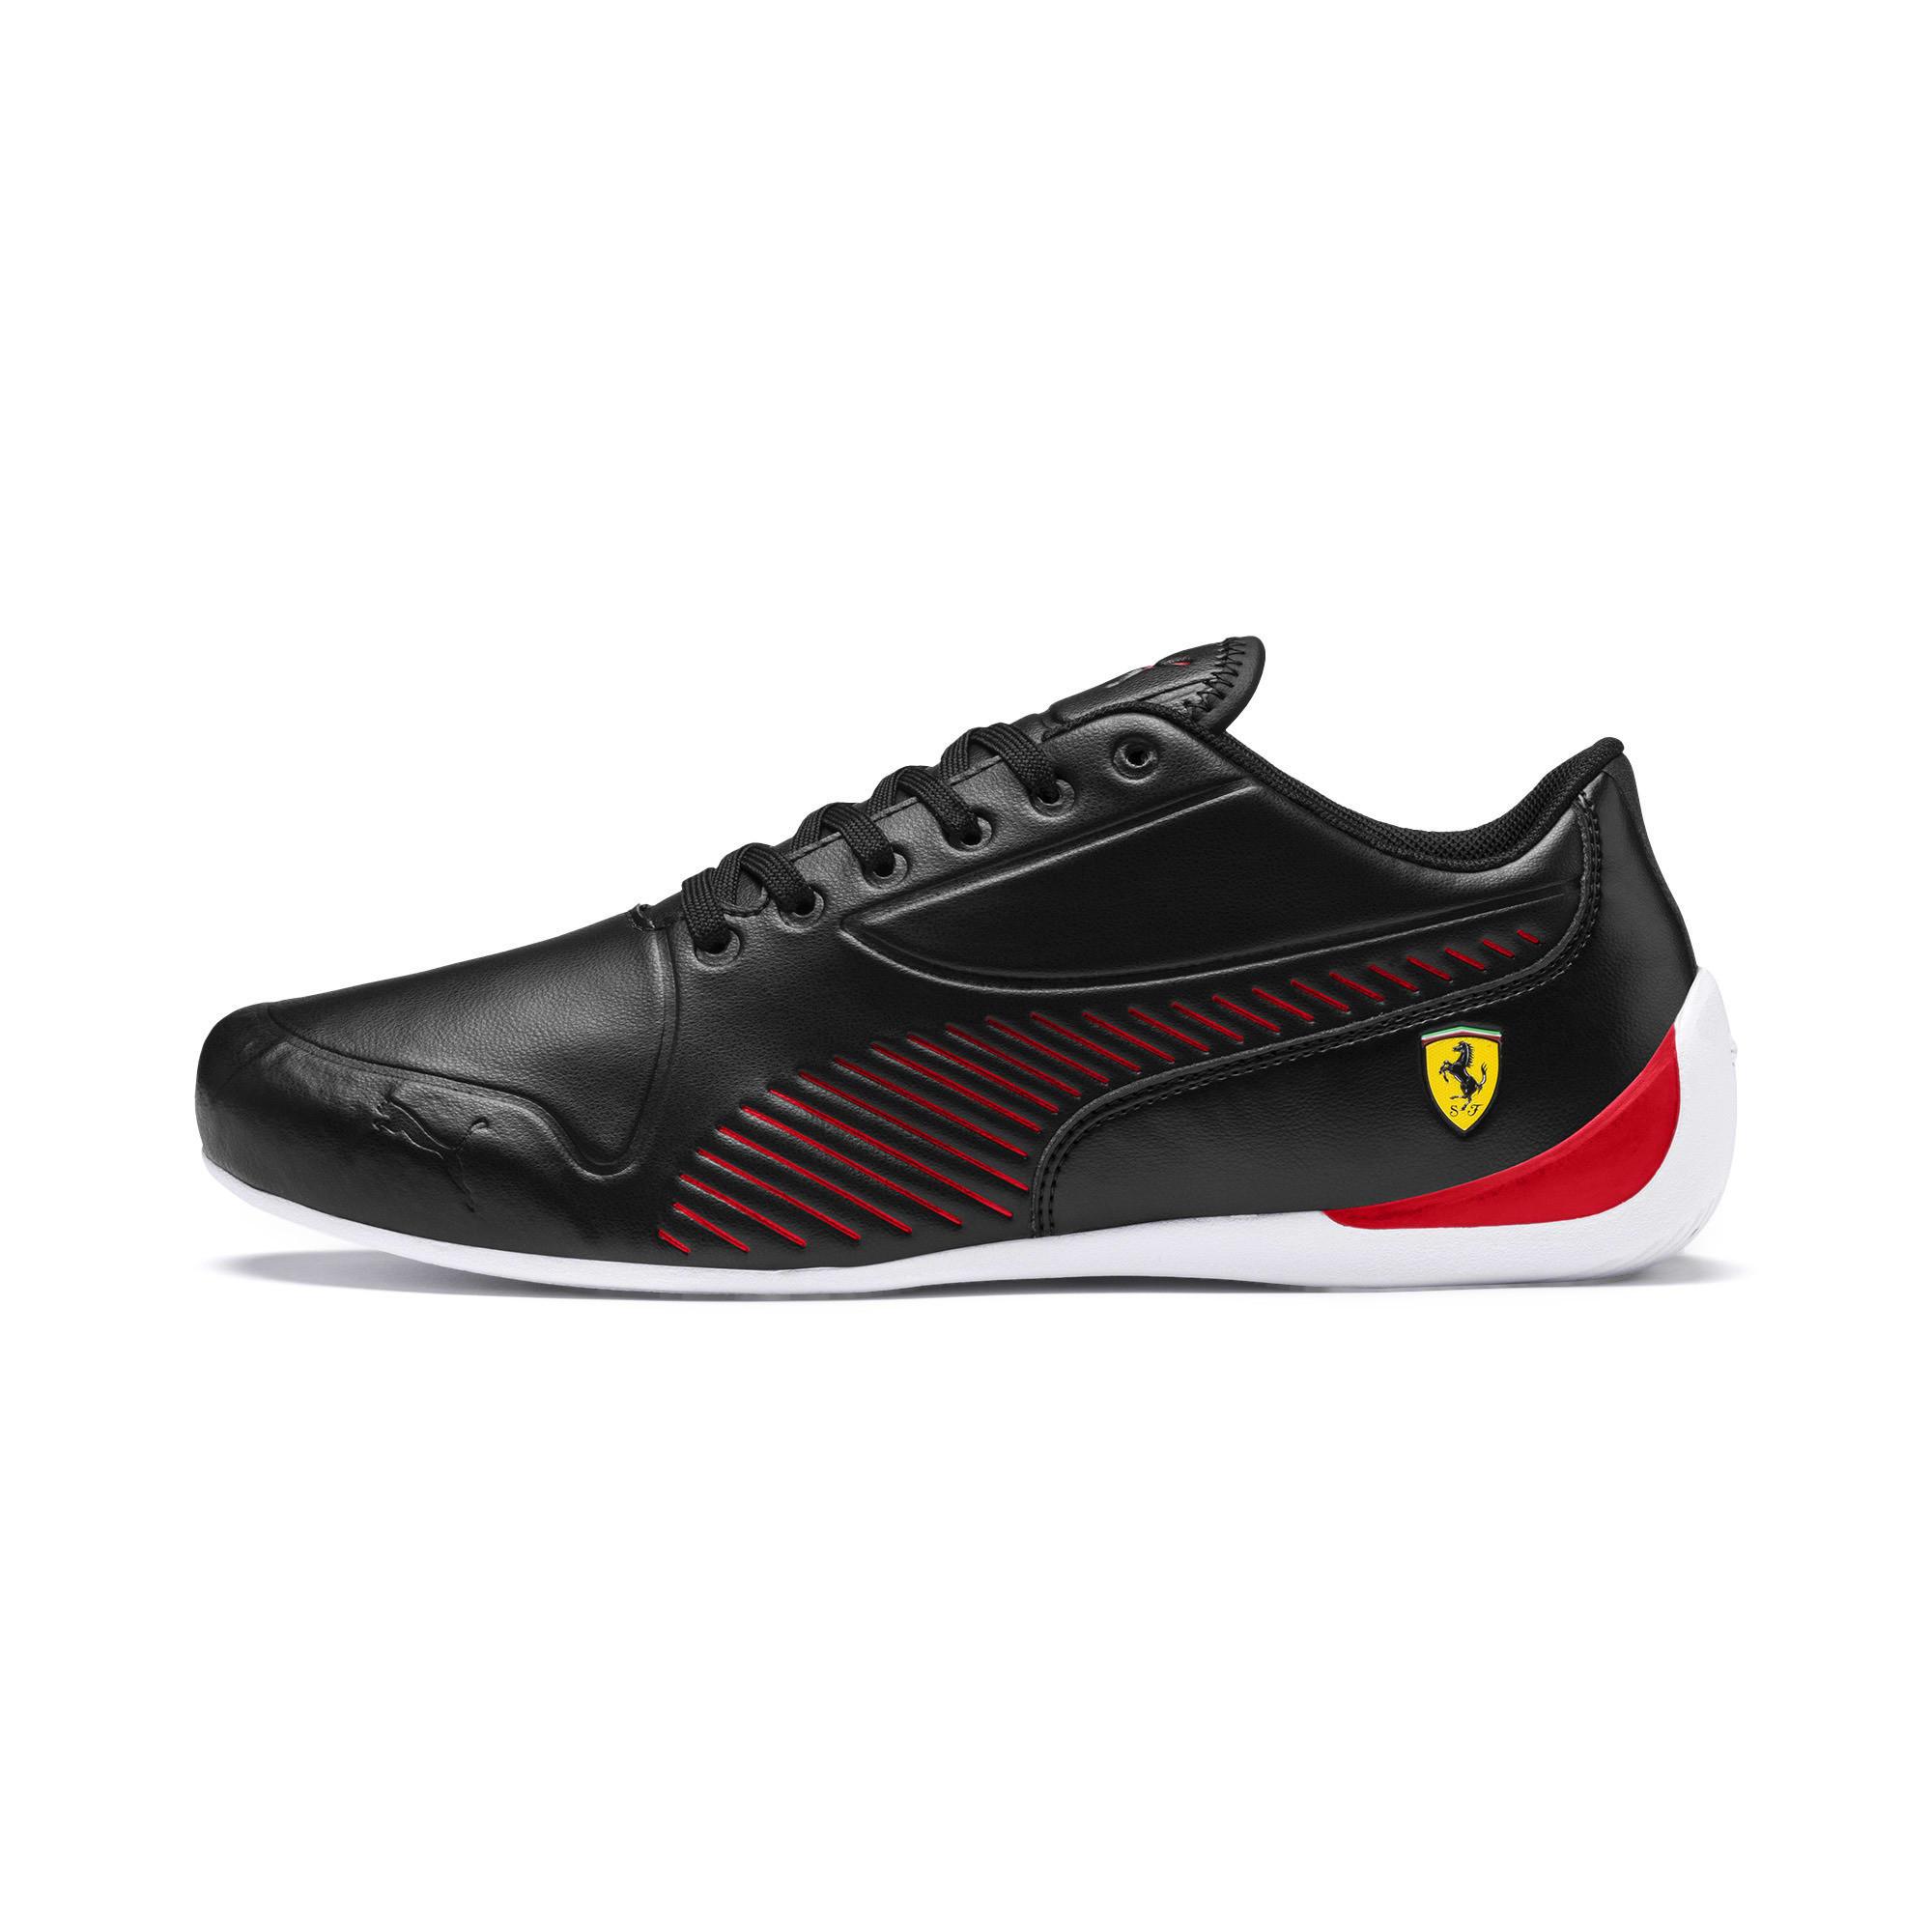 Men's PUMA Drift Cat Ultra Shoes: Scuderia Ferrari 7S  or BMW M 7S $28   Scuderia Ferrari Drift Cat 5 $42 + Free S/H on $35+